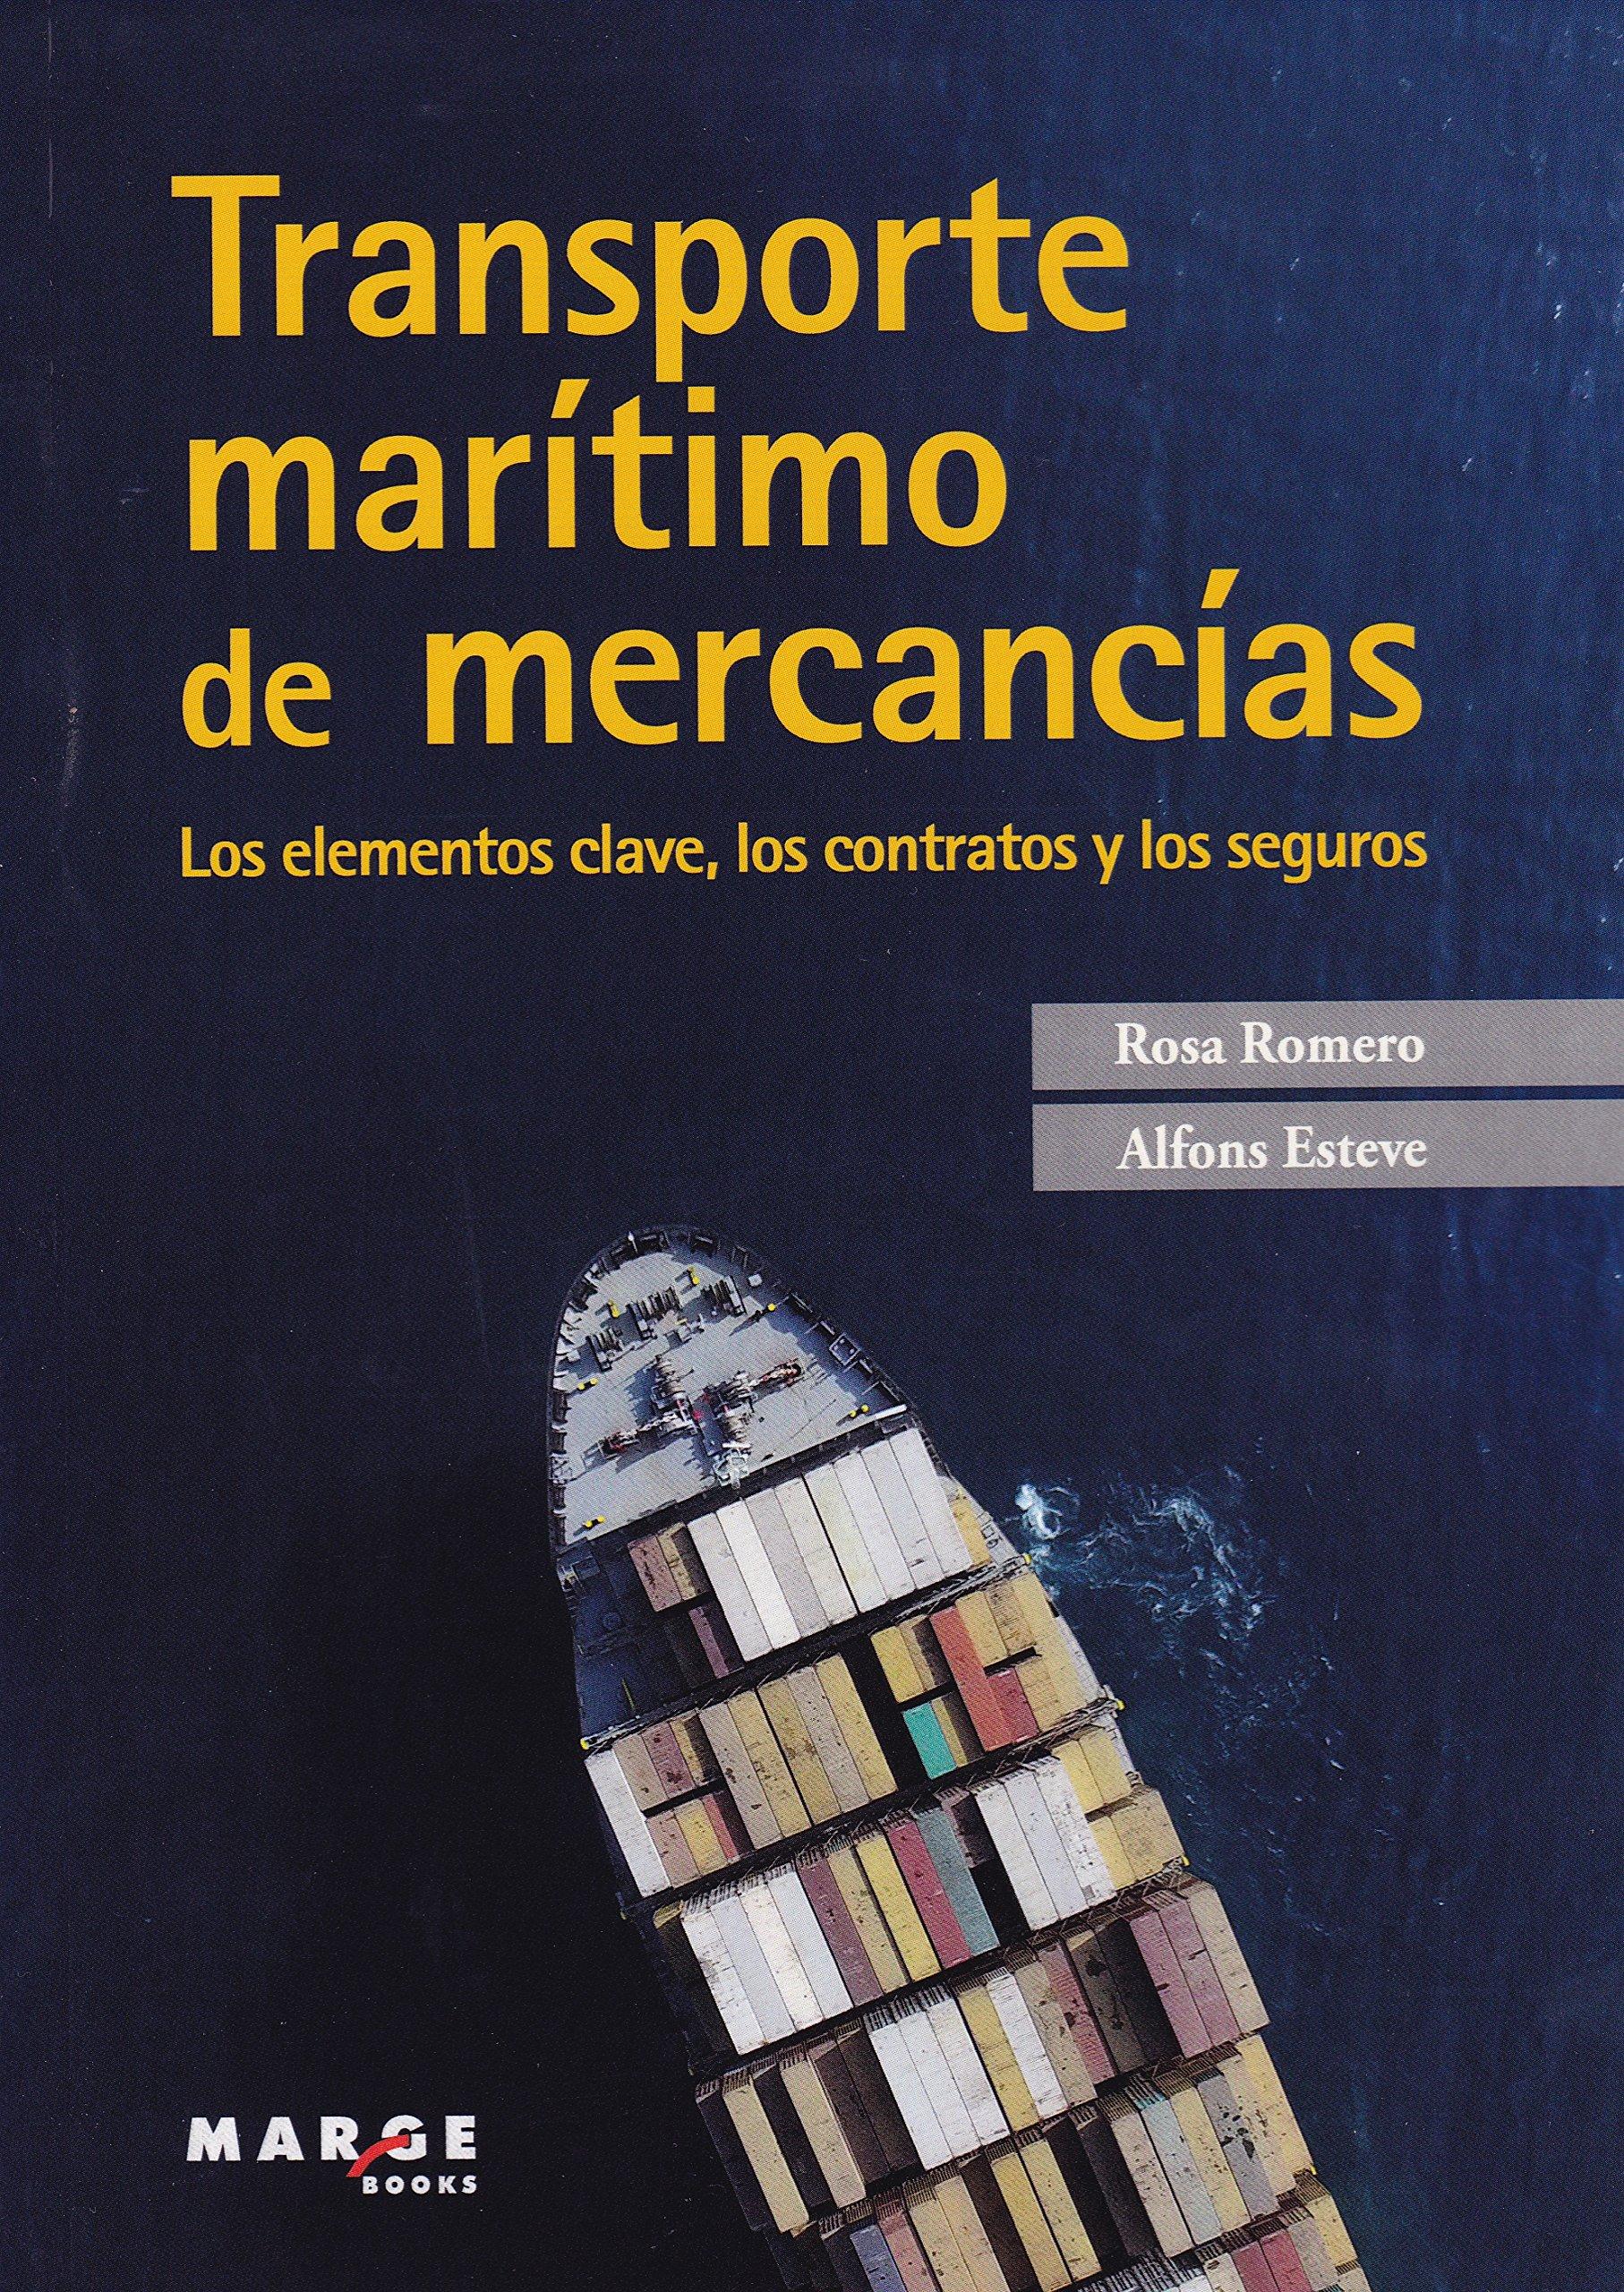 Transporte marítimo de mercancias. Los elementos clave, los contratos y los segu (Biblioteca de logística) Tapa blanda – 7 jul 2017 Rosa Romero ICG Marge SL 8416171866